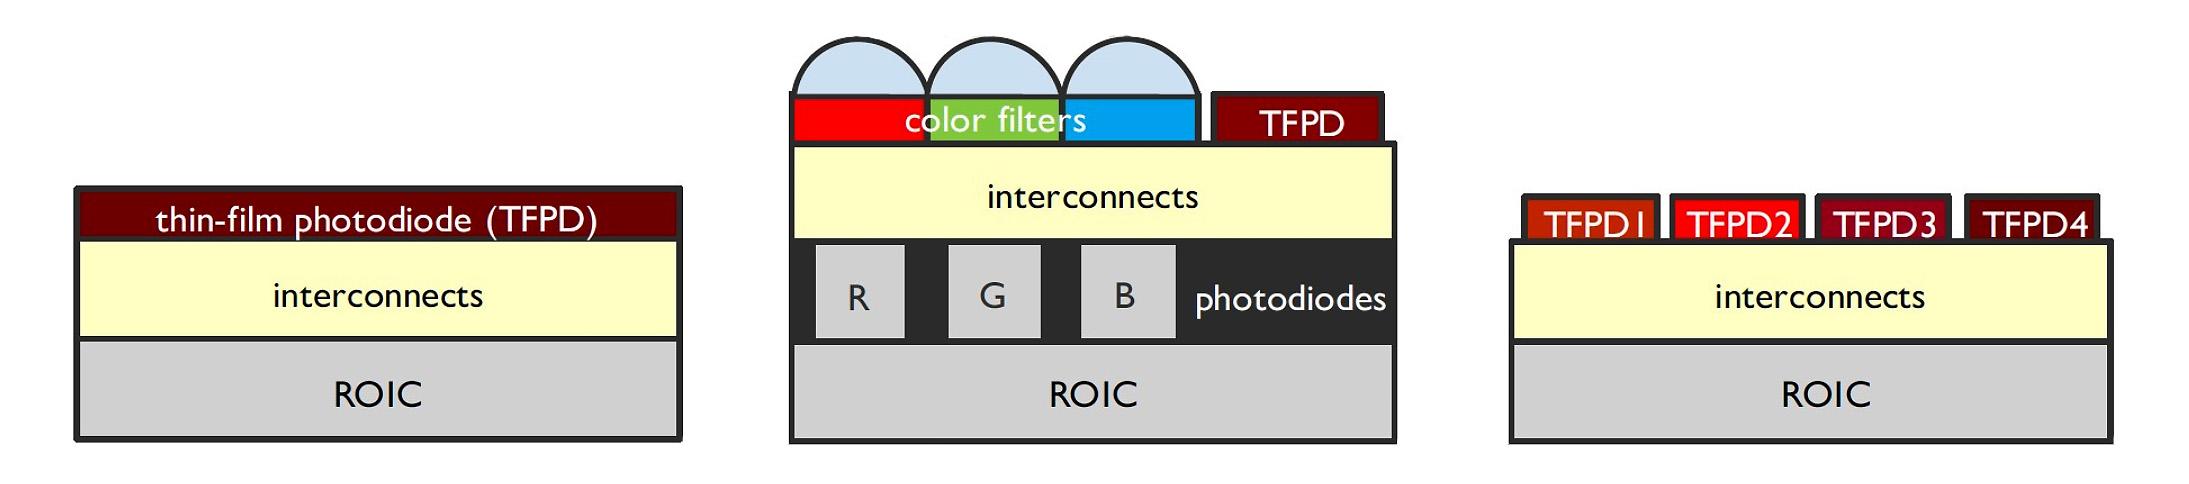 Bild 2 | Darstellung der verschiedenen CMOS-Sensoren: grundlegender IR-Detektor (l.); IR-Detektion integriert in einen Imager für sichtbares Licht (m.) und Multispektrale IR-Detektion durch abstimmbare TFPD-Layer (r.). (Bild: Imec)